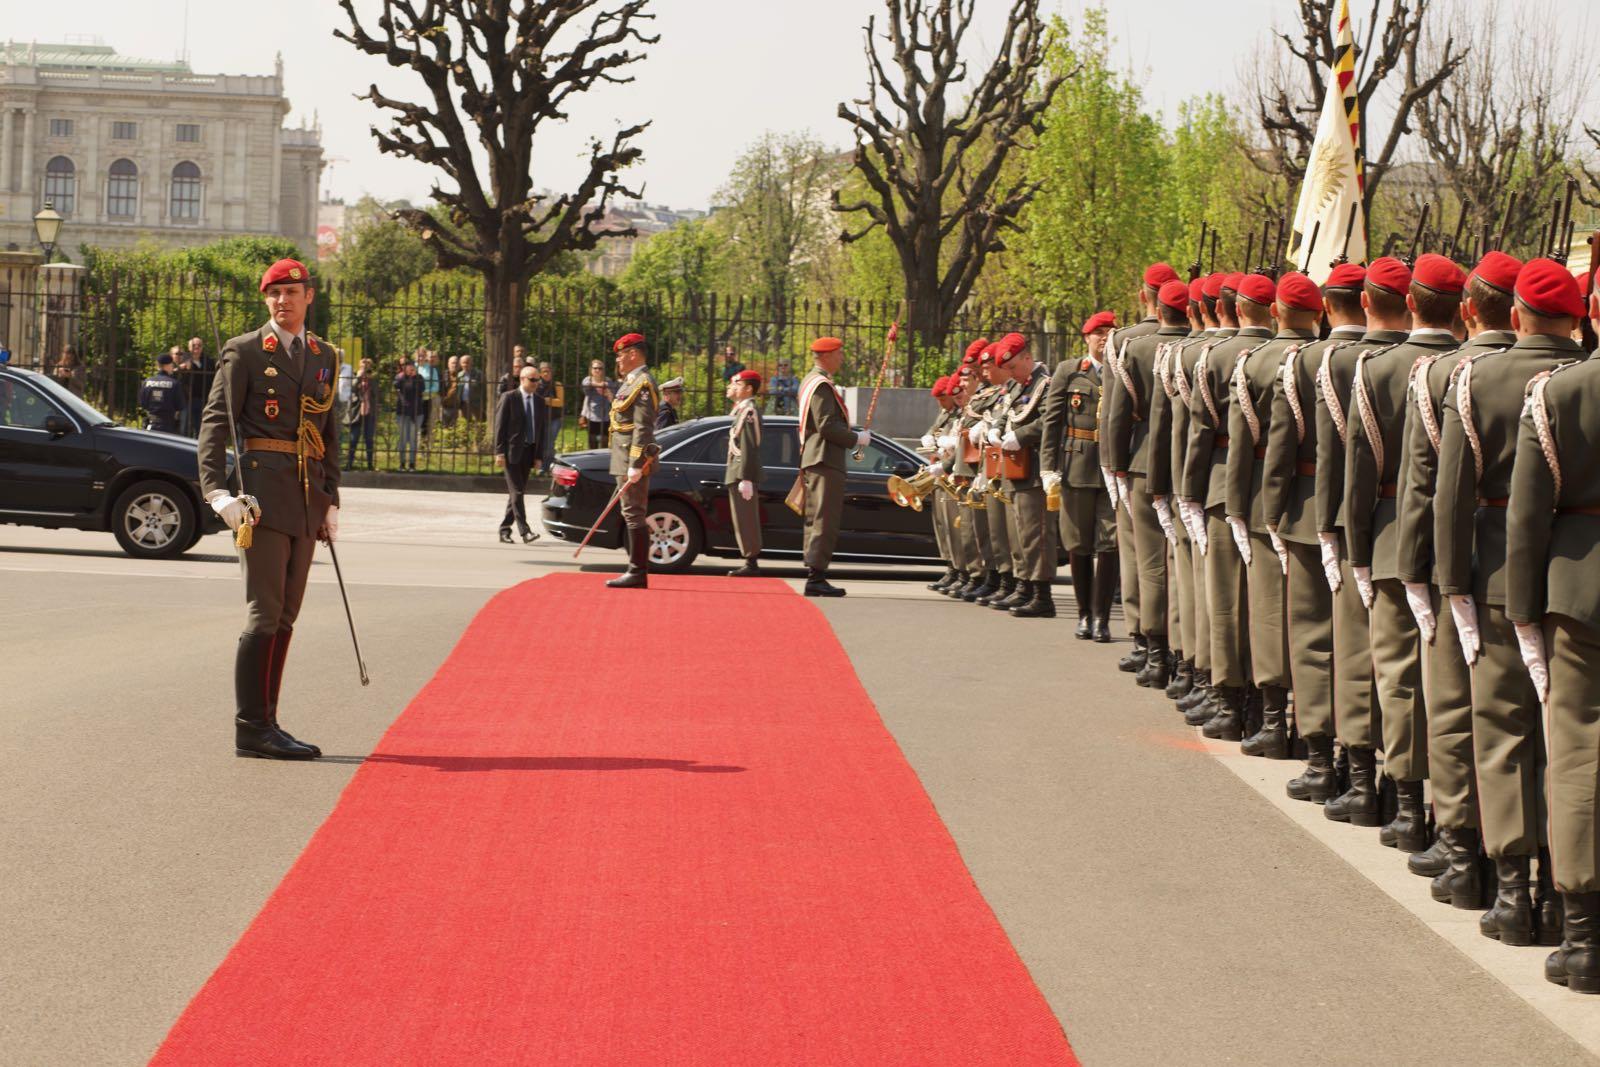 2019_04_09_4Gardekompanie_Montenegro_Ballhausplatz - 34 of 34